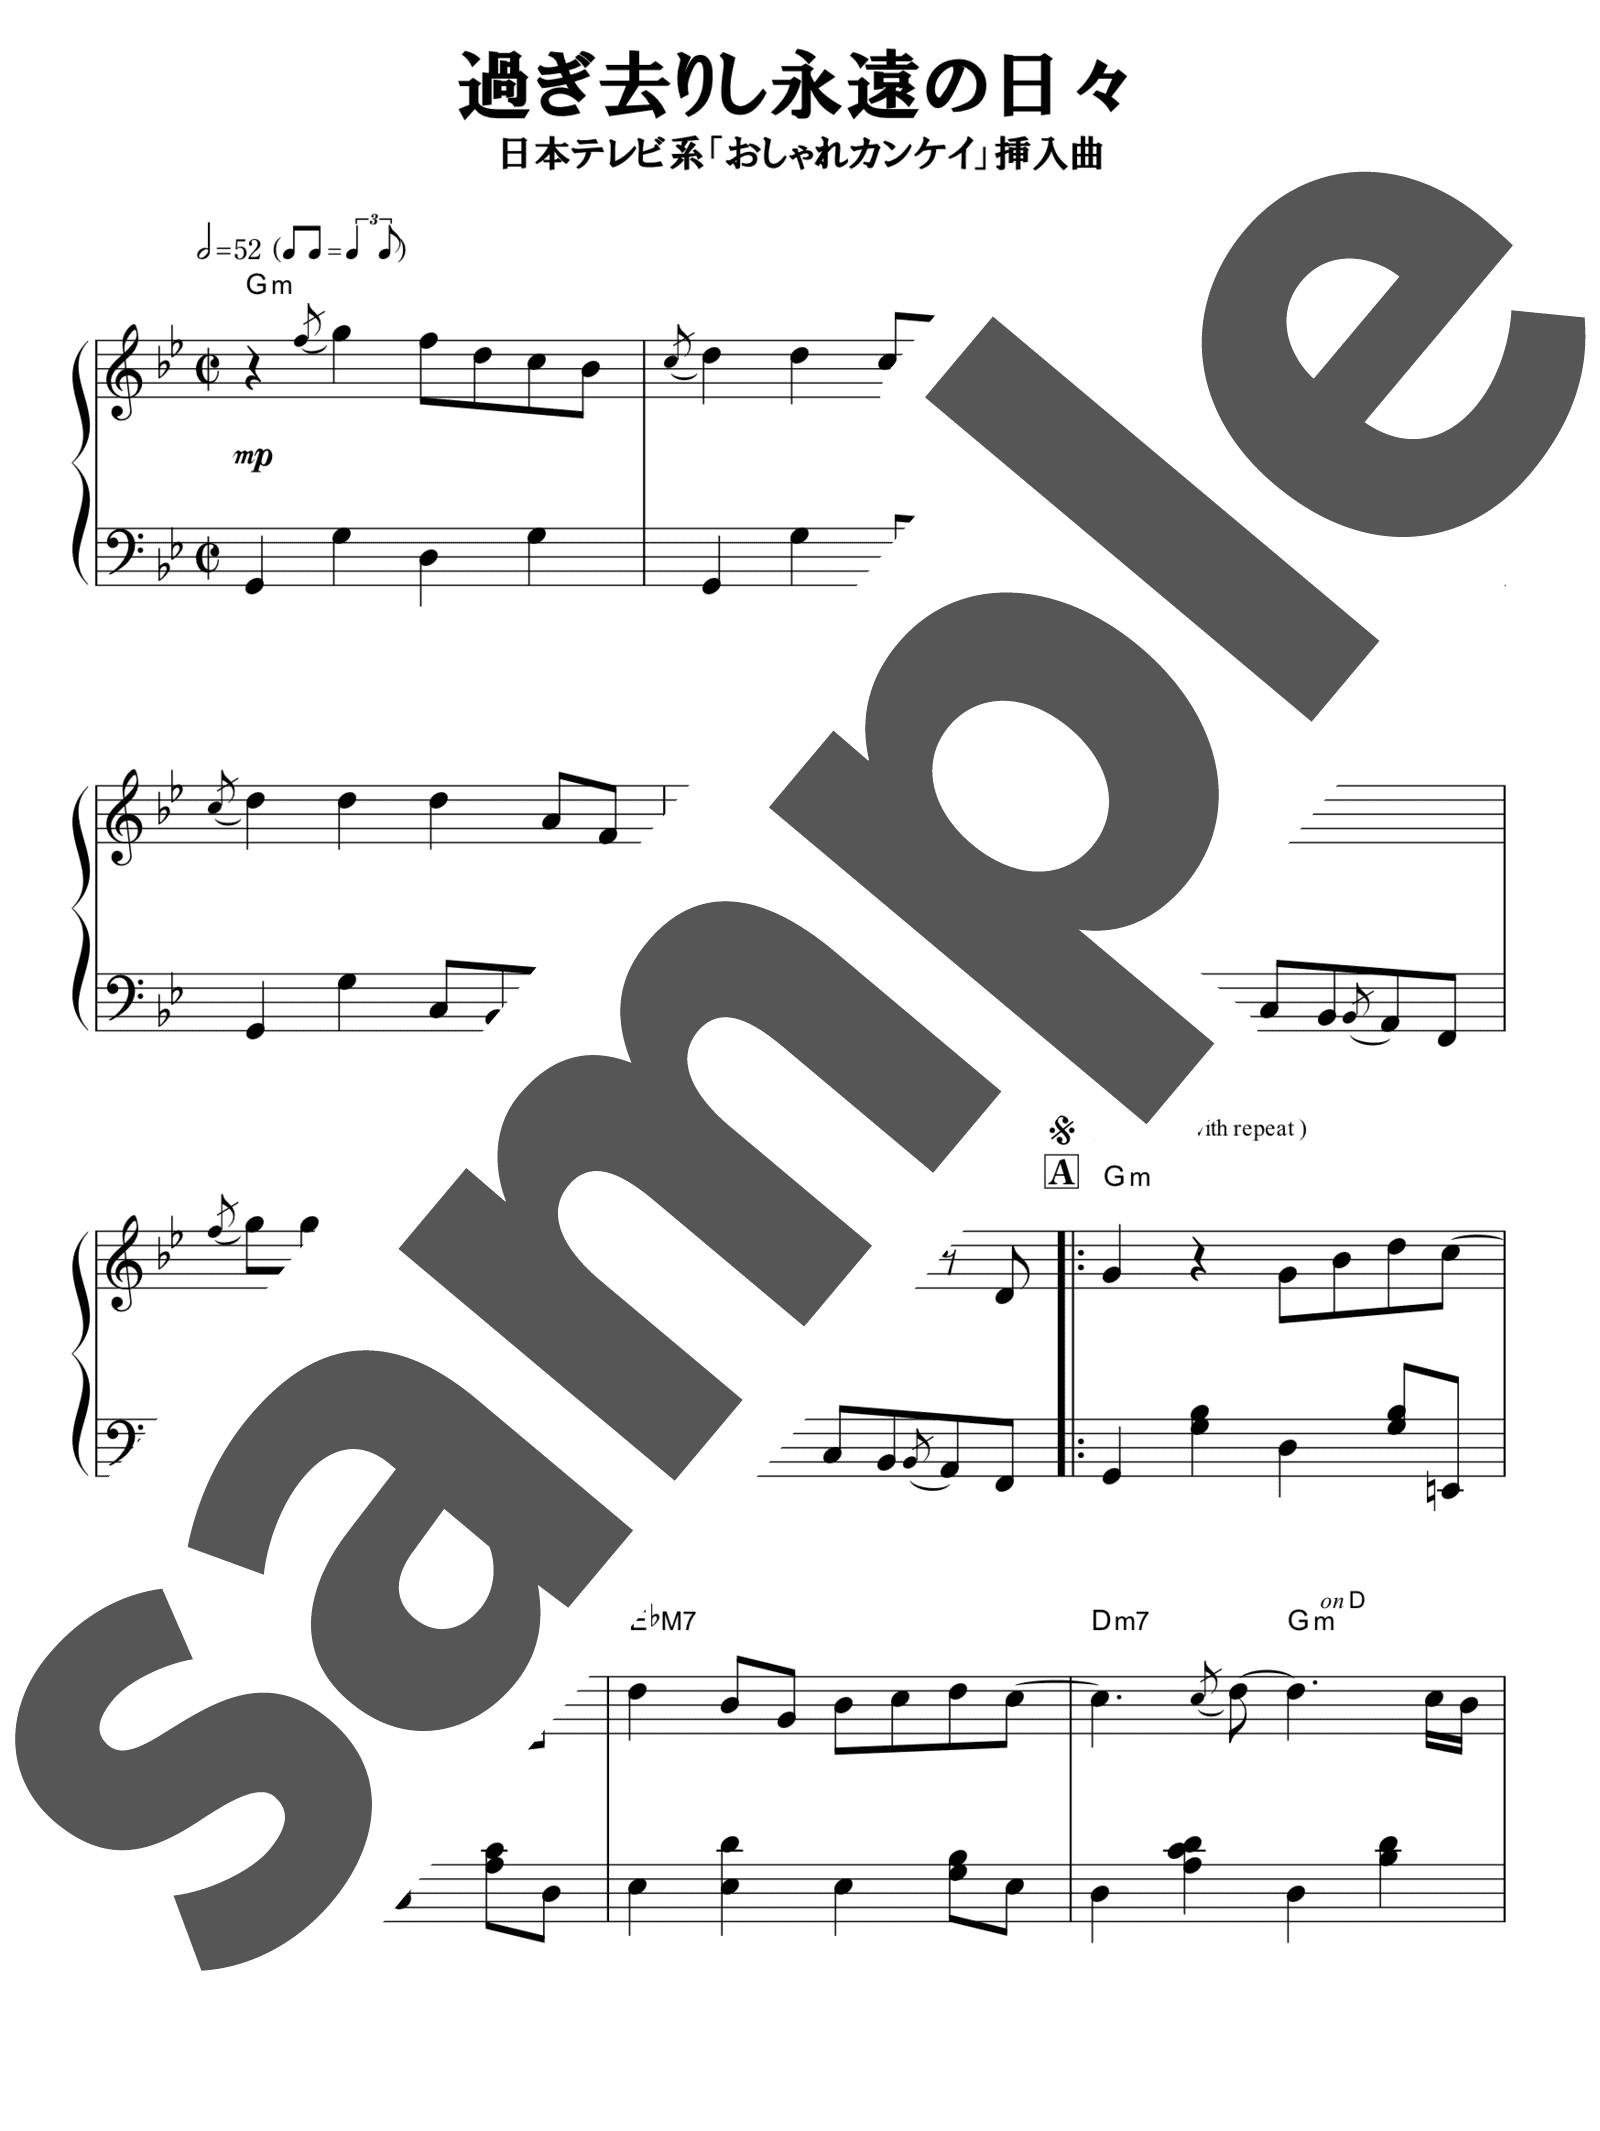 「過ぎ去りし永遠の日々」のサンプル楽譜